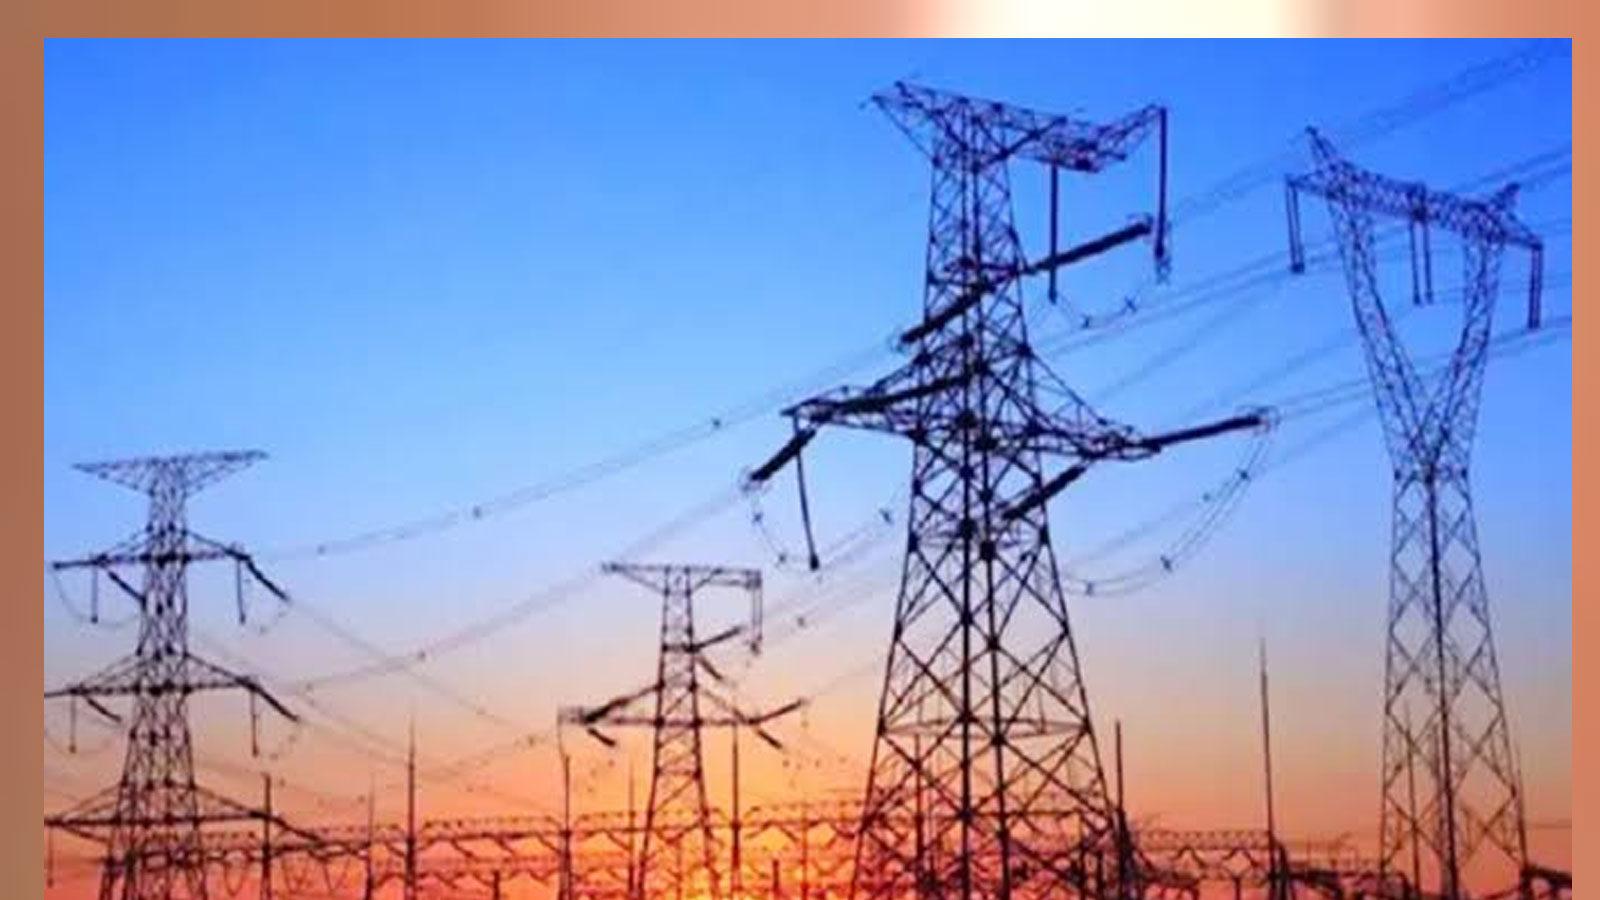 जरूरी खबर: MP में कल गुल रह सकती है बिजली, इन सेवाओं पर पड़ेगा असर